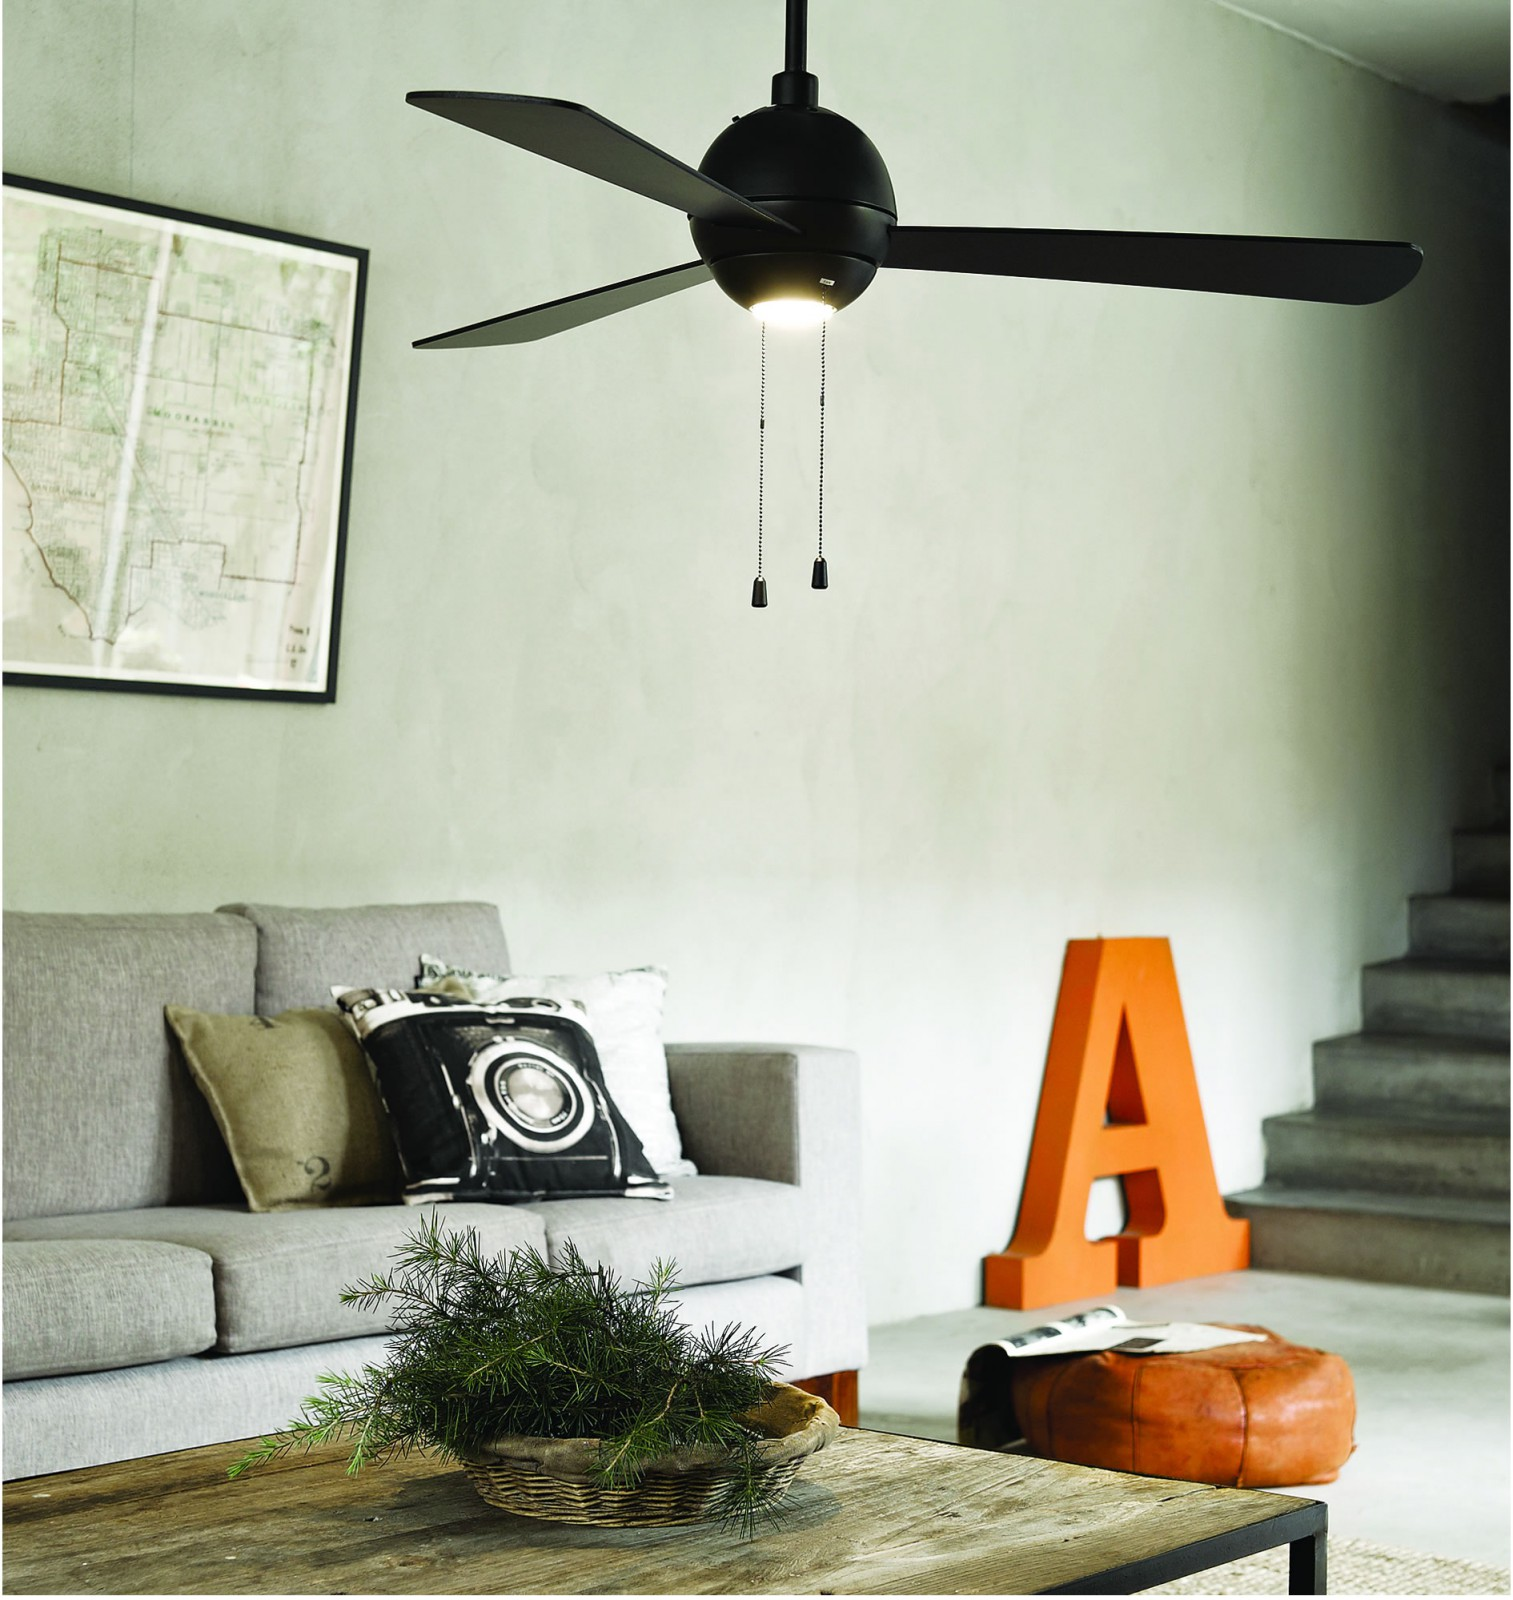 Ventilateur Éclairage Plafond Cm Beacon Avec Noir De Bordono 122 BshtQCrdxo